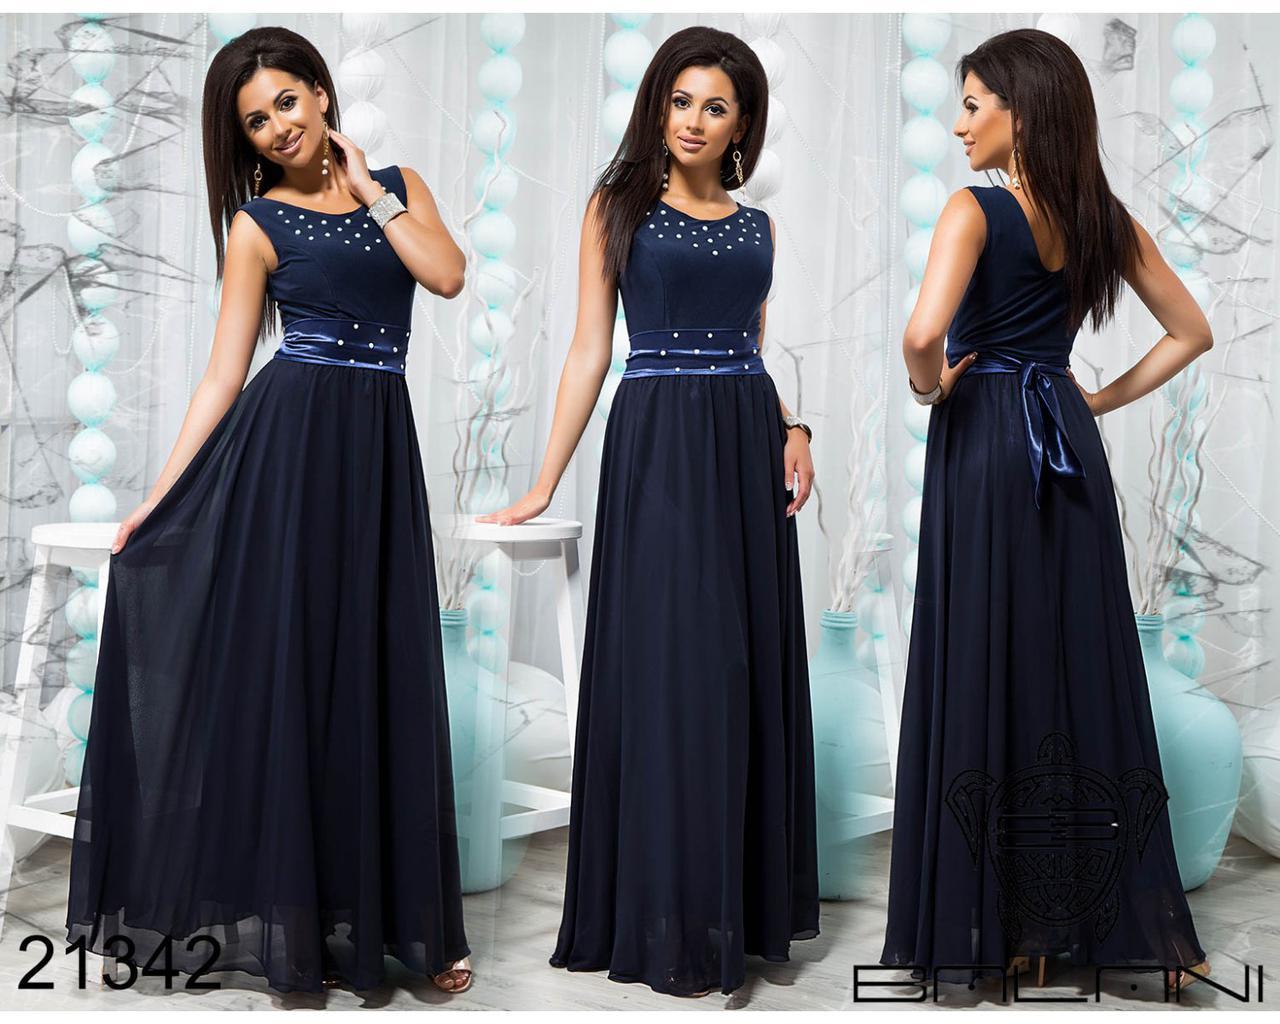 2896b8406a79 Вечернее платье с открытой спиной купить недорого Производитель Украина  интернет-магазин Россия СНГ р.42-46